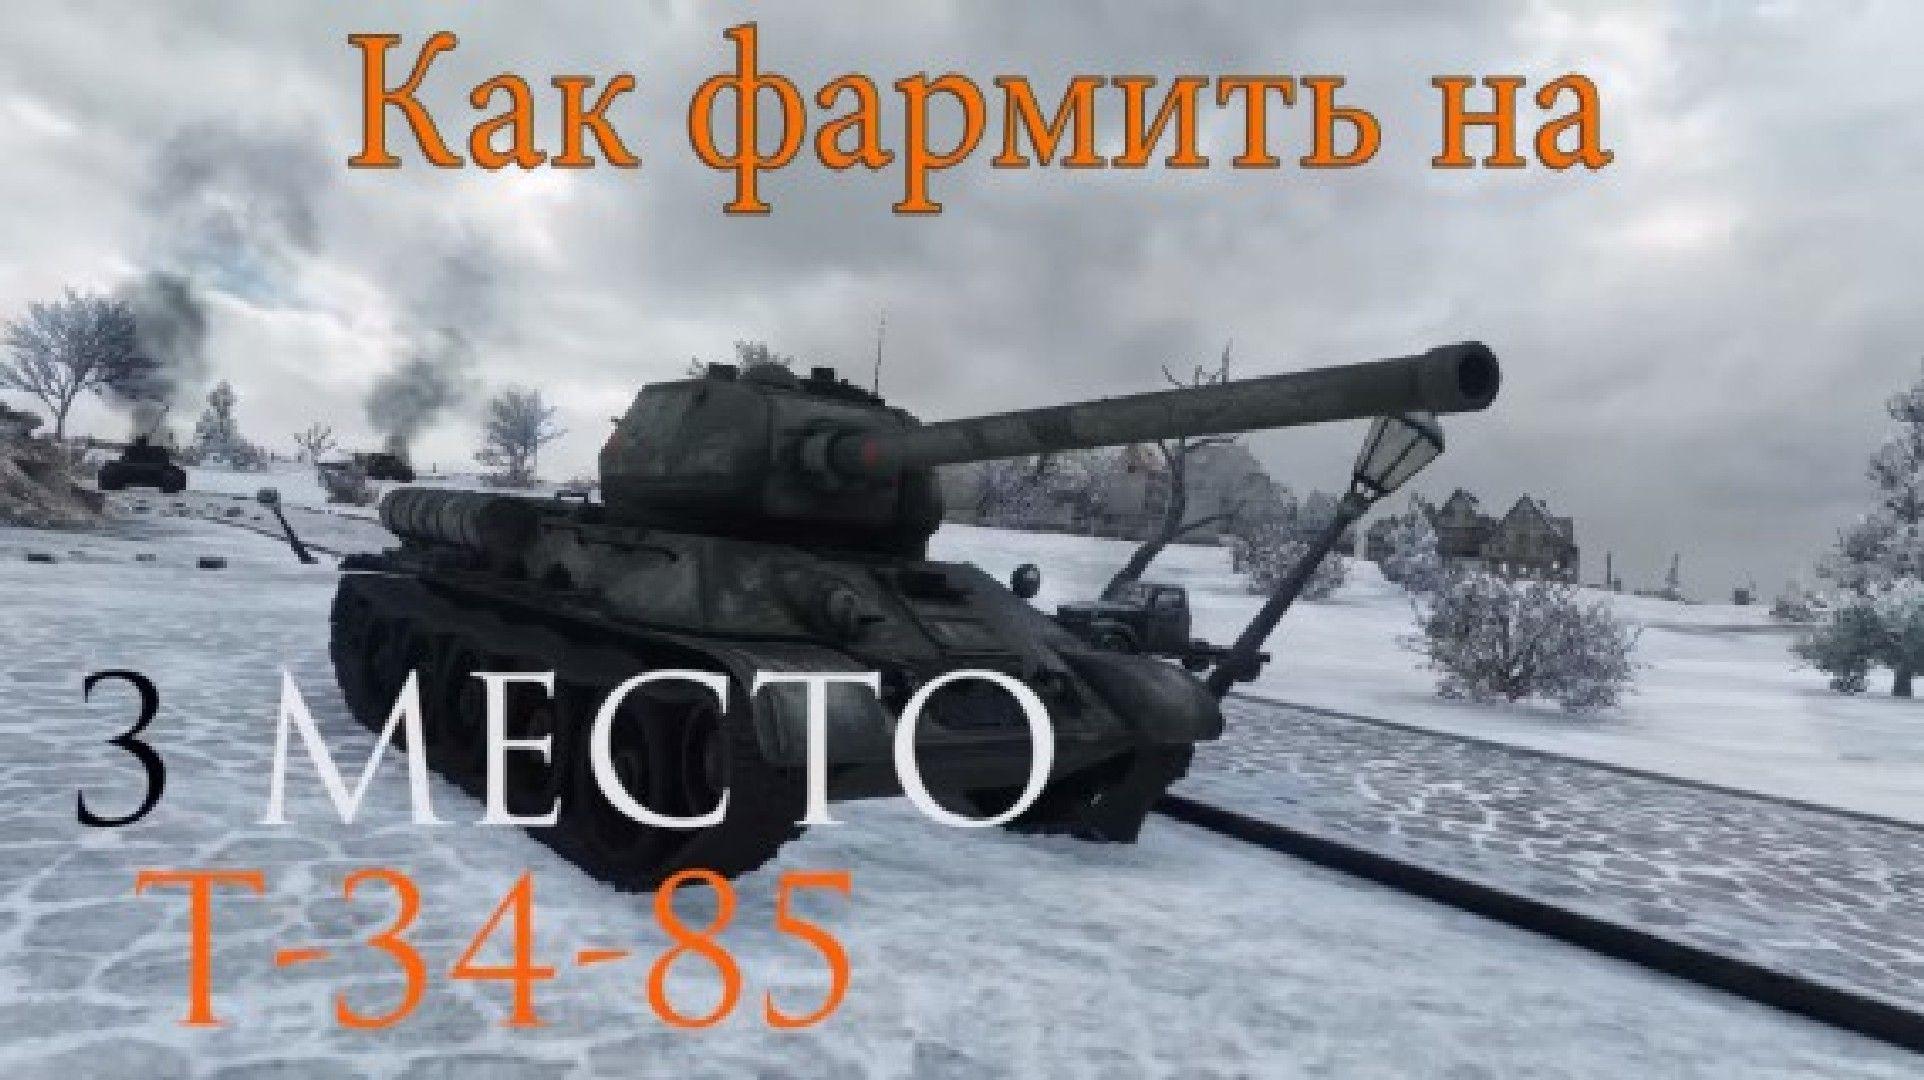 Как фармить на Т-34-85